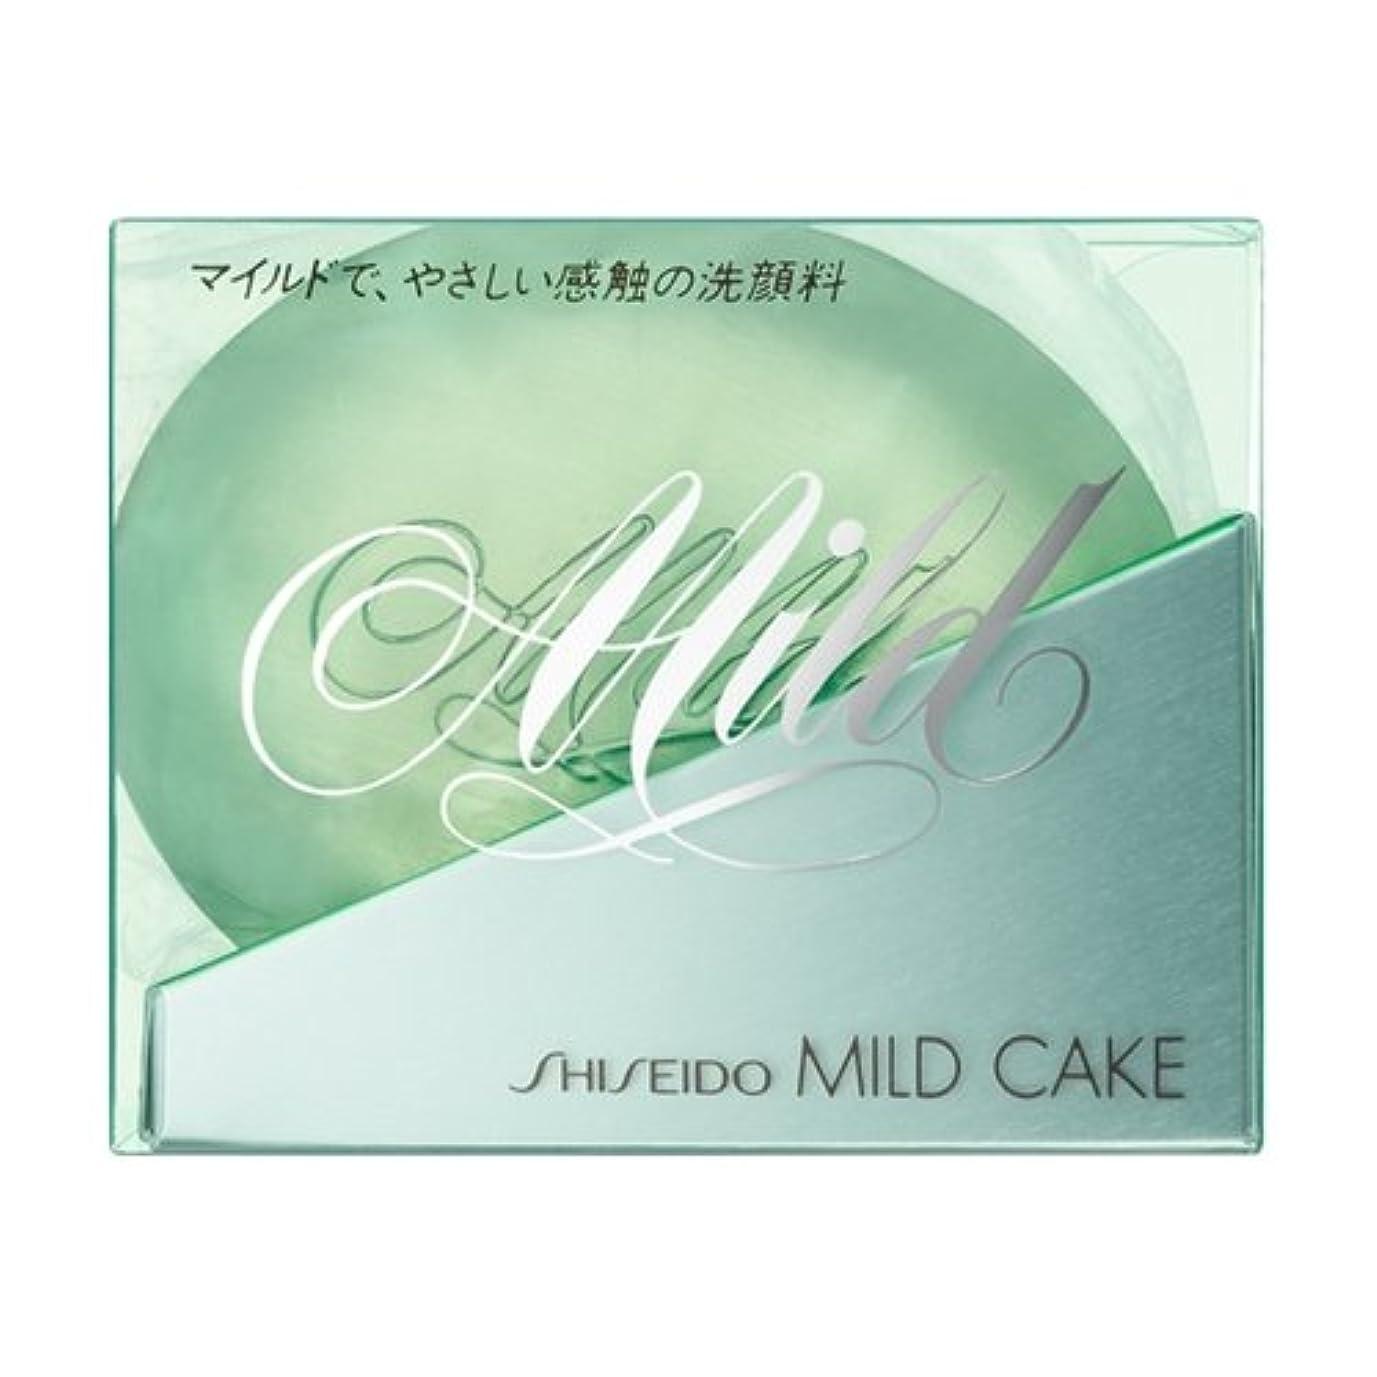 異常な非難するショップ資生堂 マイルドケーキ